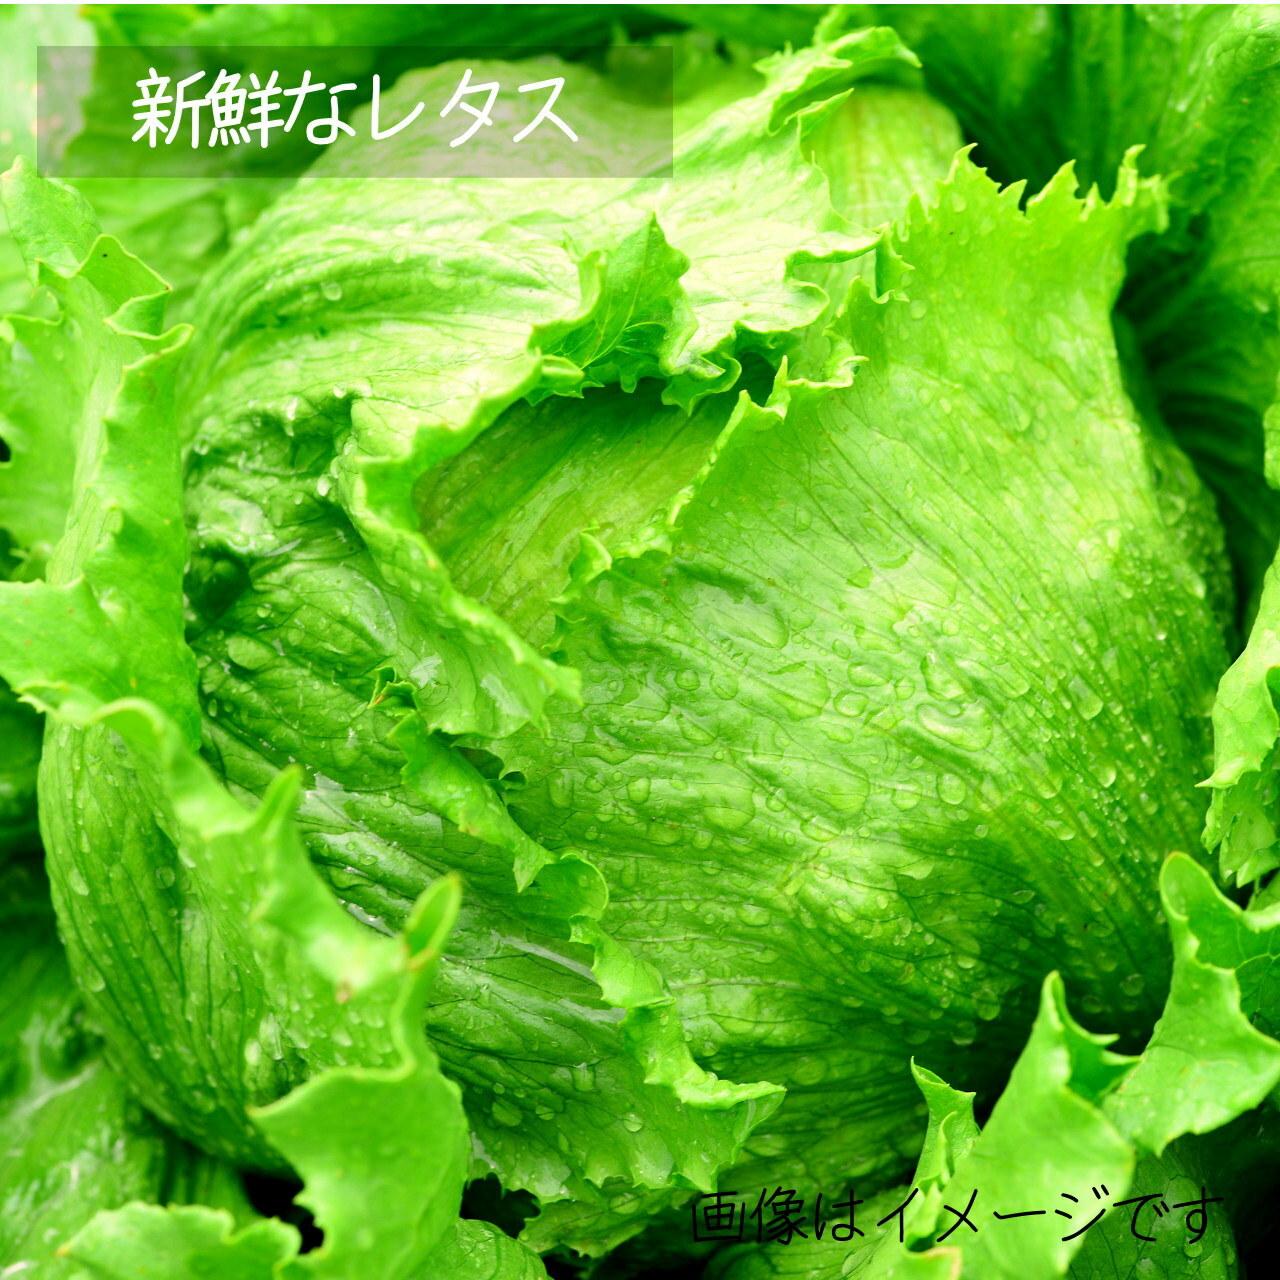 レタス サラダに人気の野菜 1玉 約 500~600g